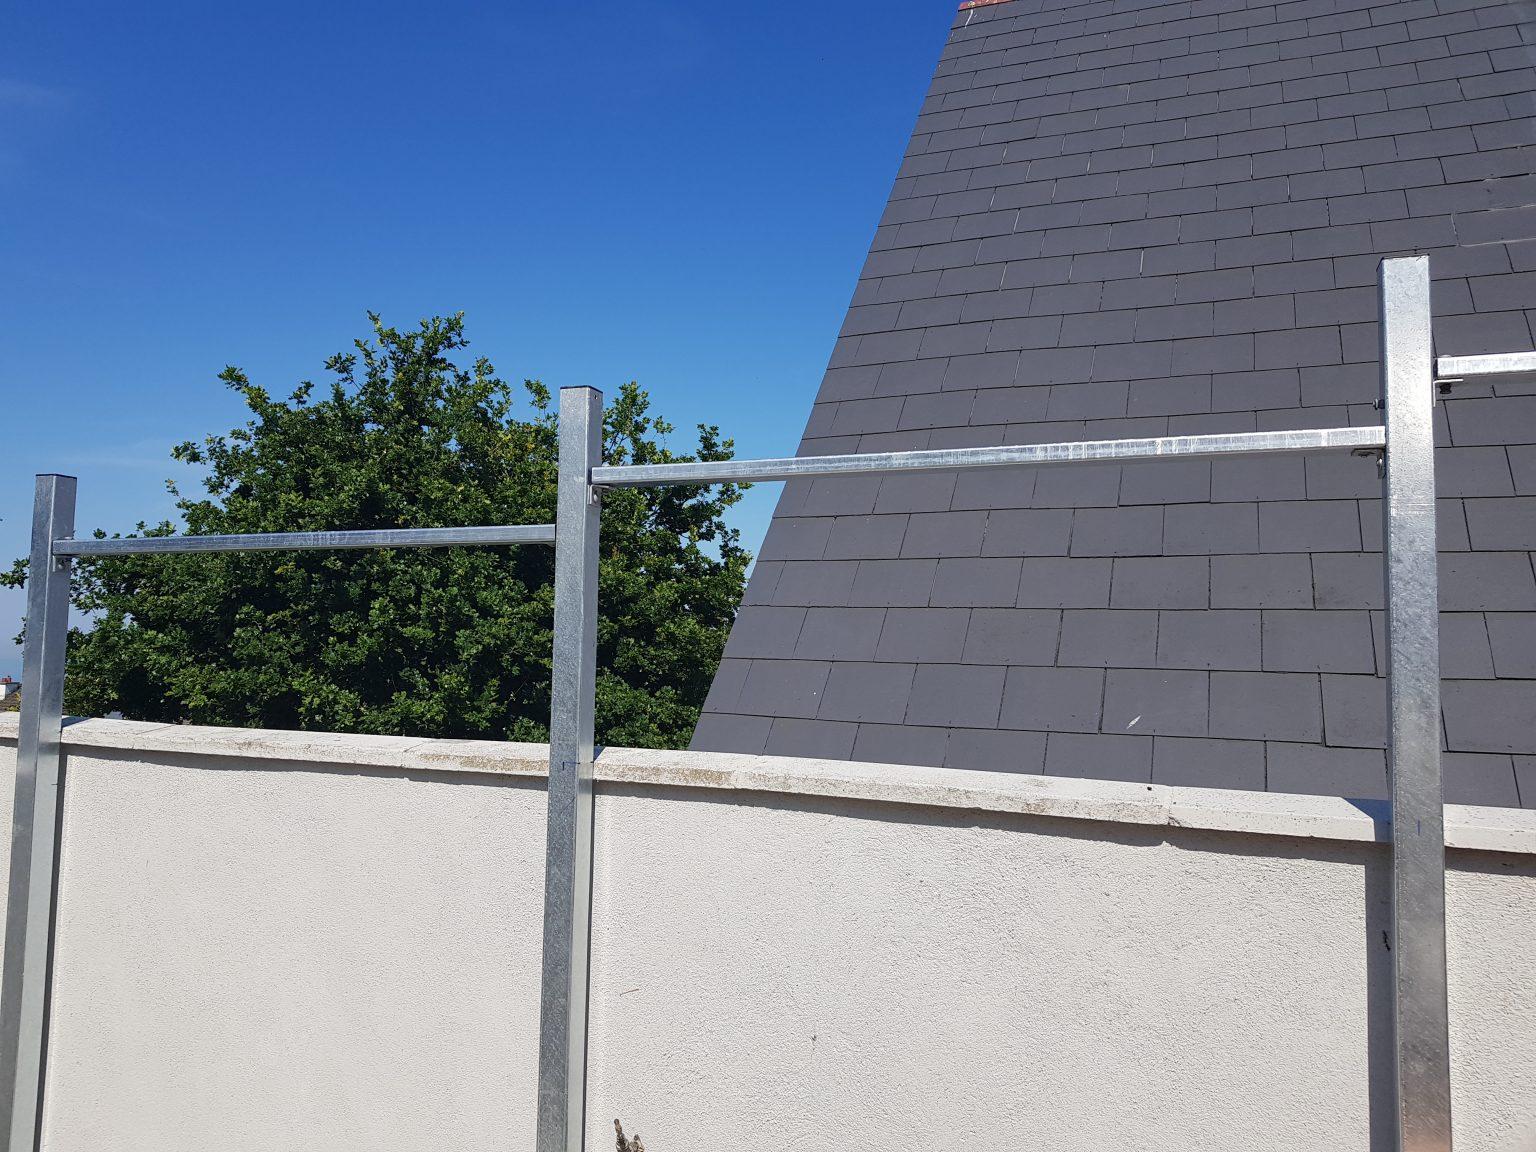 Irish Fencing Composite Fences And Gates (13)